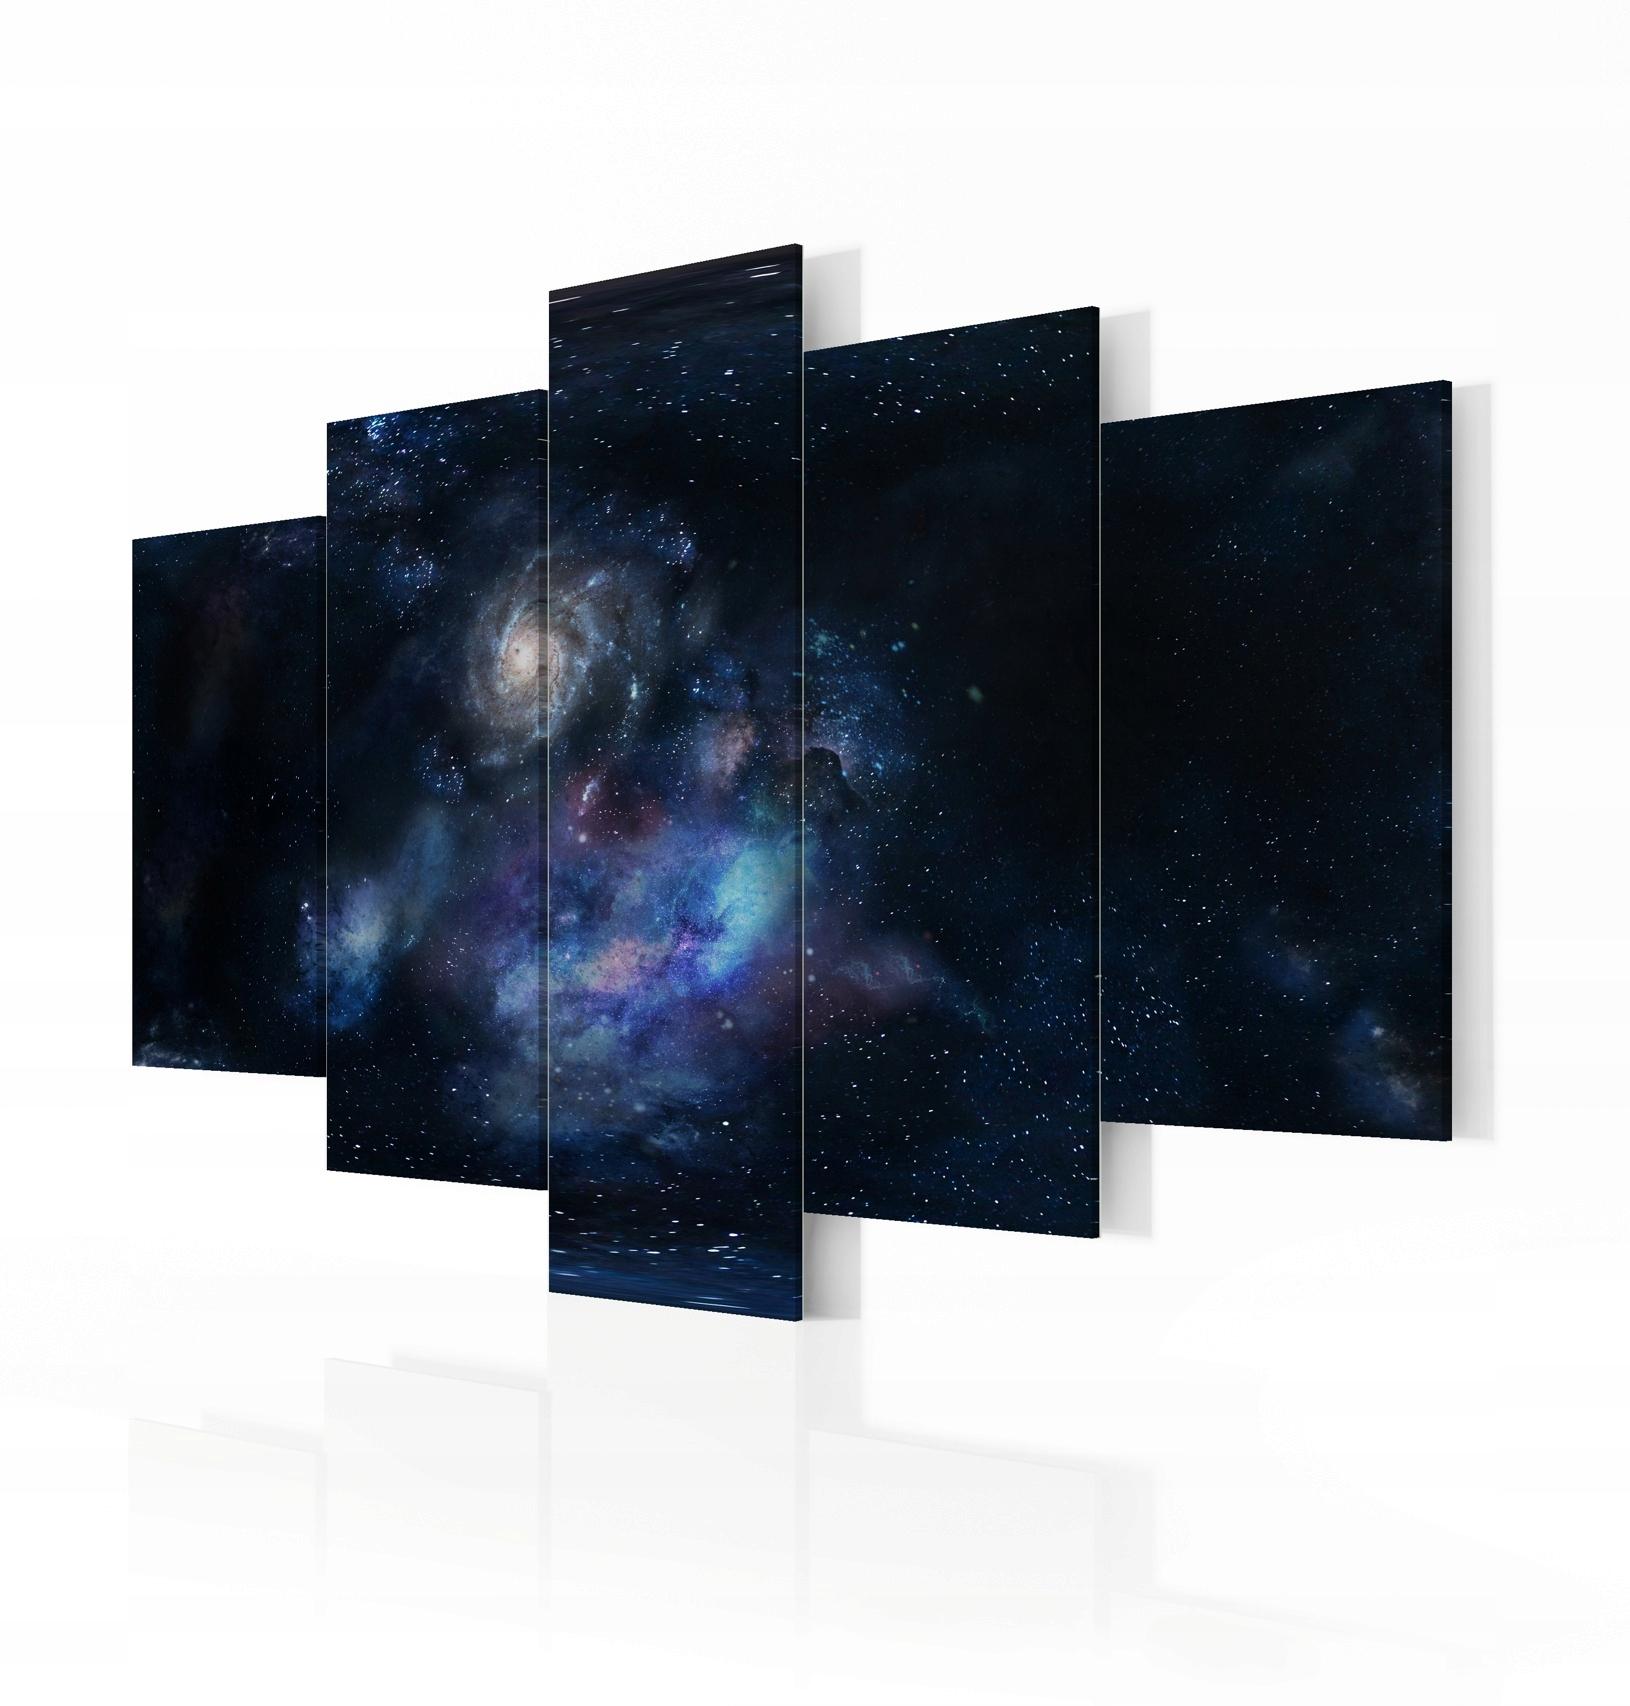 Obraz Na ścianę Kosmos Duży Rozmiar Bez Folii 7771550664